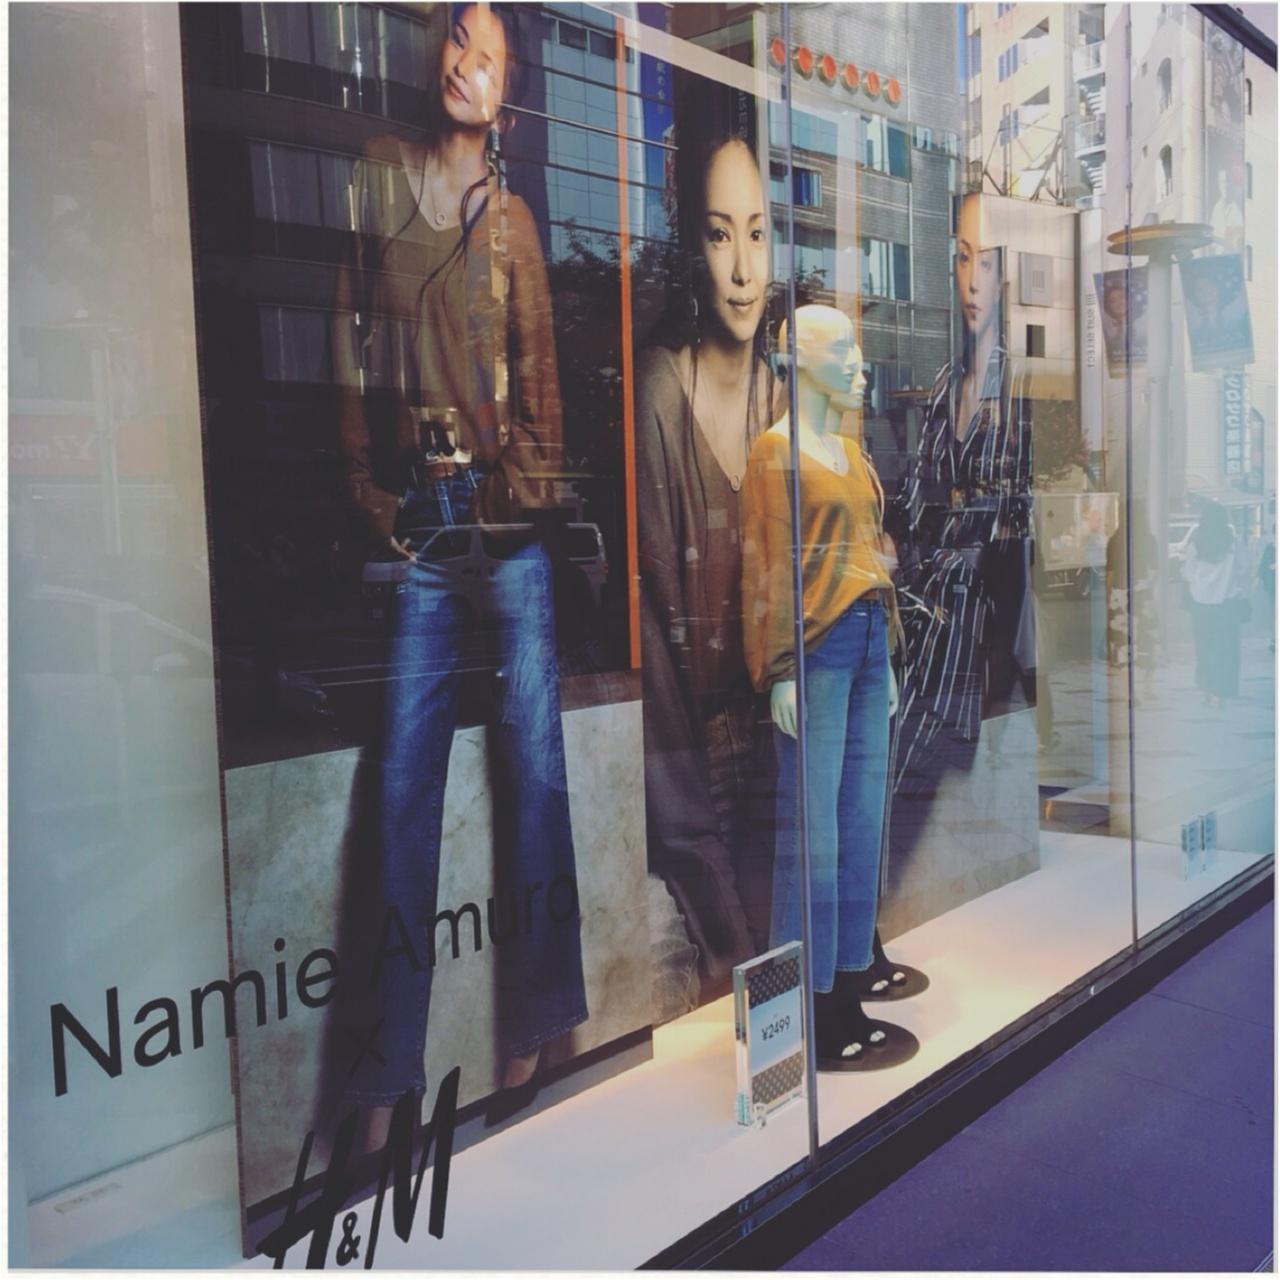 """≪""""Namie Amuro × H&M""""第2弾≫奇跡のコラボがまたまたスタート!♡わたしがゲットしたのはコレ!_1"""